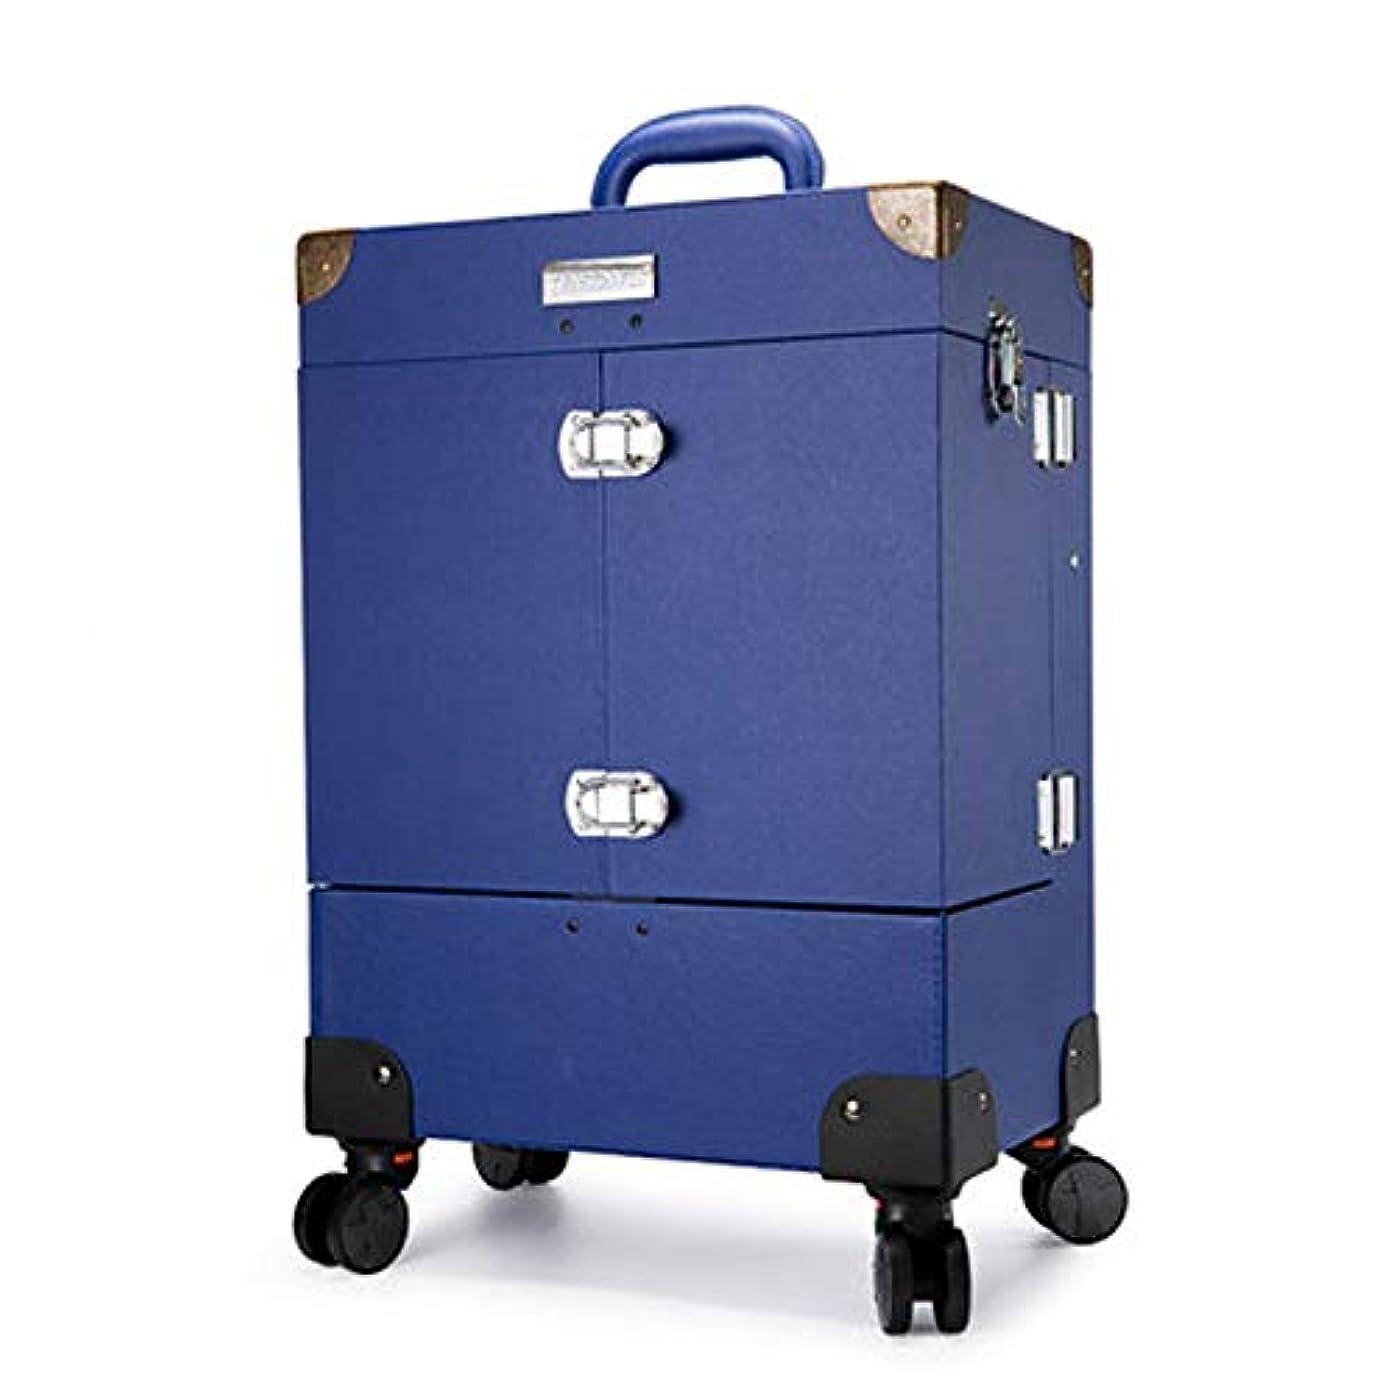 限定人物発言するプロ専用 ネイリスト クローゼット スーツケース ネイル収納 メイクボックス キャリーバッグ ヘアメイク ネイル 大容量 軽量 高品質 多機能 プロ I-JL-3505T-BL